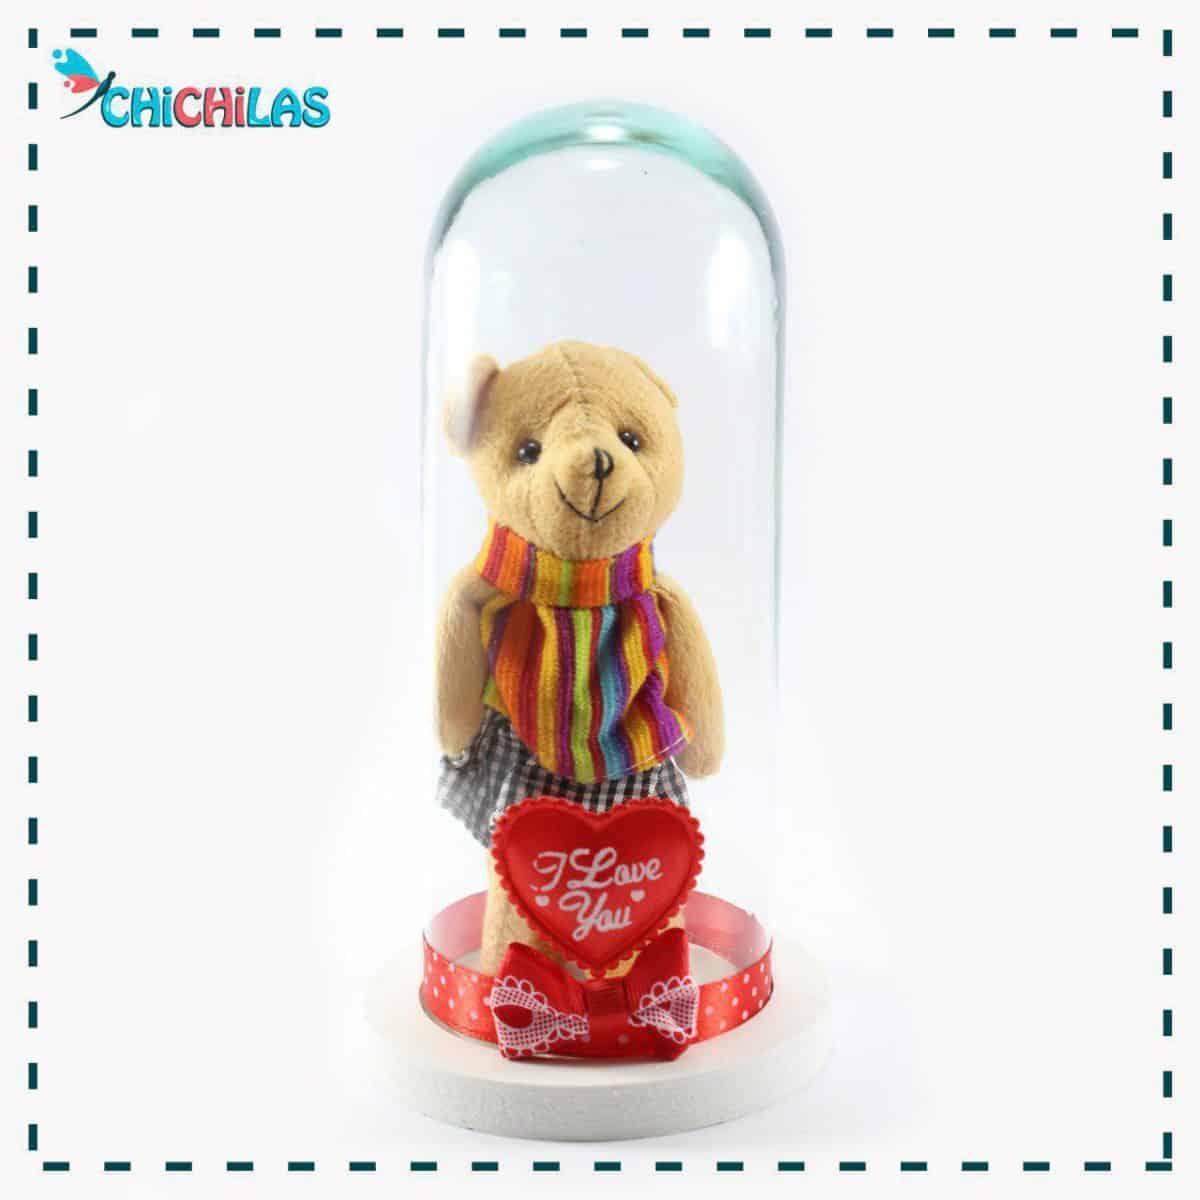 چیچیلاس - عروسک خرس شیشه ای - خرس دامن دار - دکوری - خرس دکوری - ولنتاین - خرس ولنتاین - کادو - هدیه